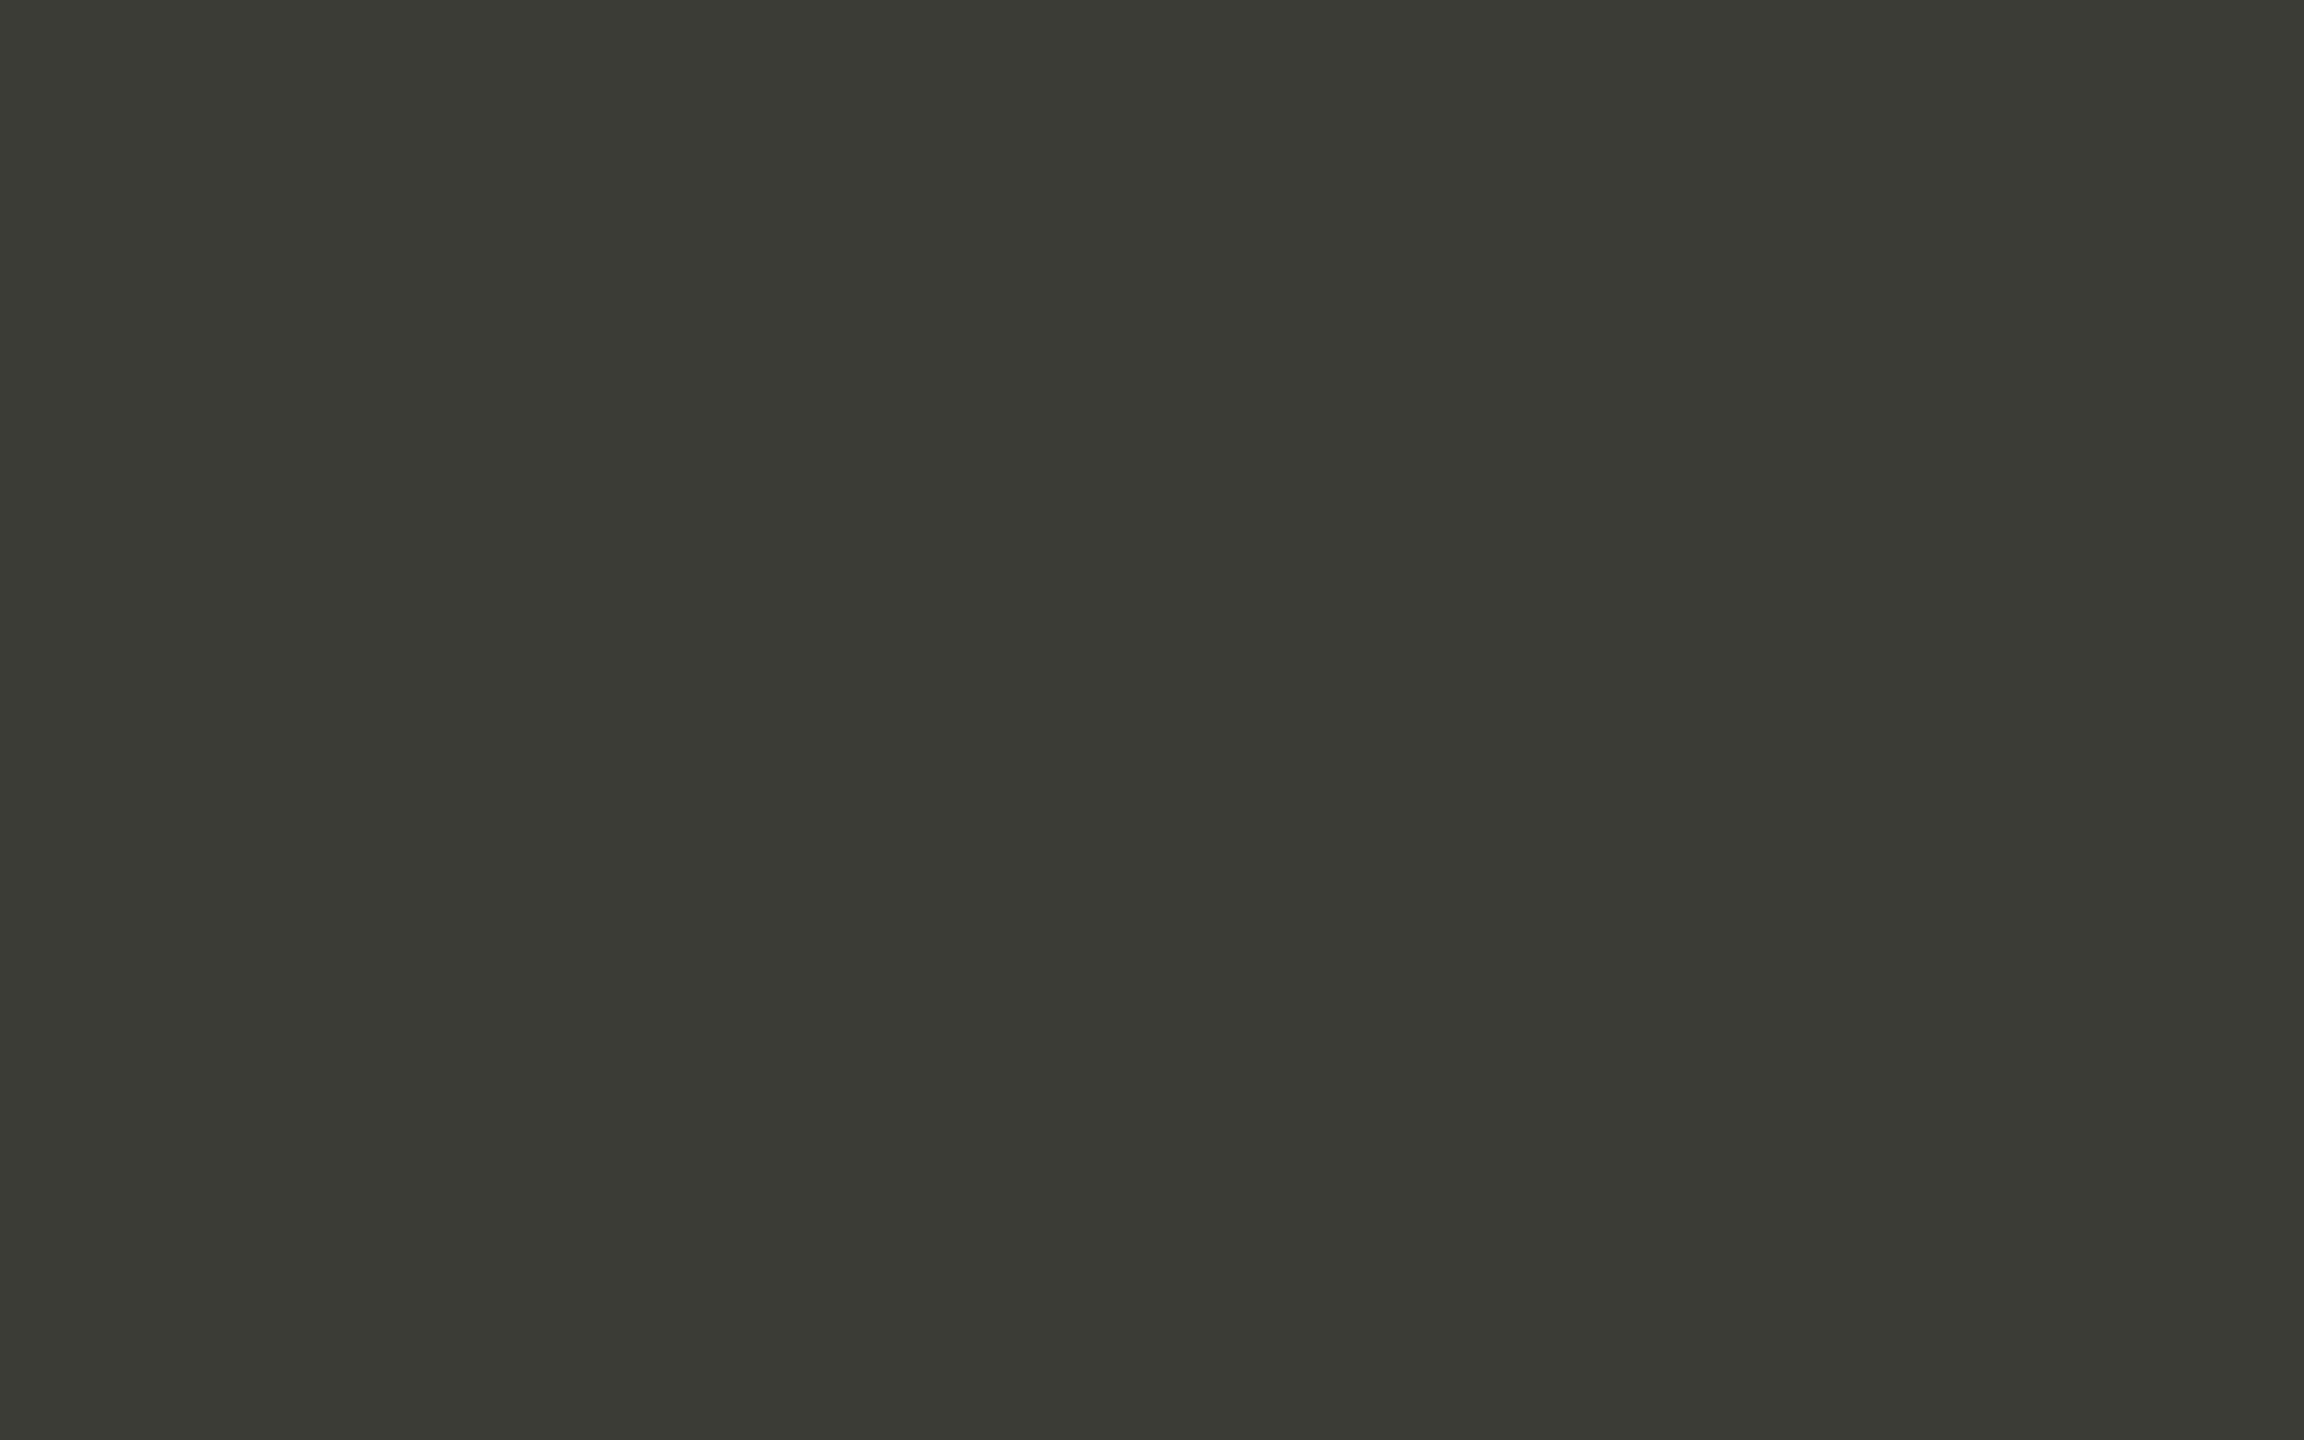 2304x1440 Black Olive Solid Color Background